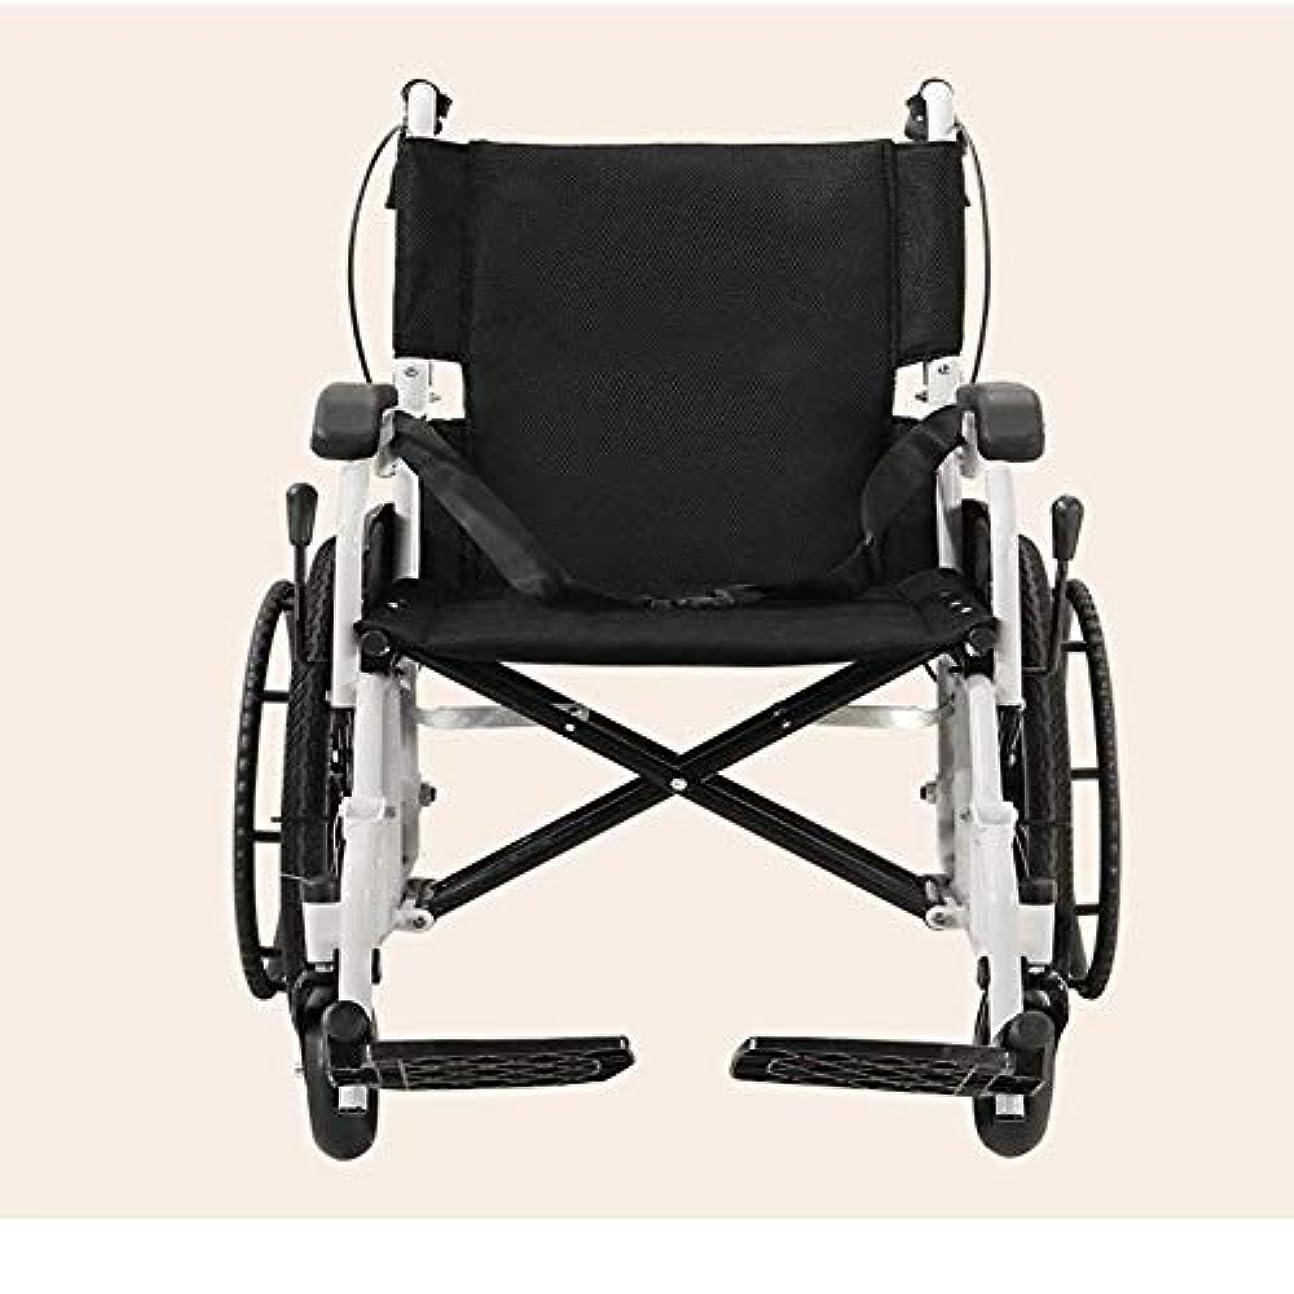 バイオレット贈り物真似る軽量車椅子、ポータブル折りたたみ収納コンパクトスチールパイプハンドブレーキモビリティドライブフットレスト車椅子